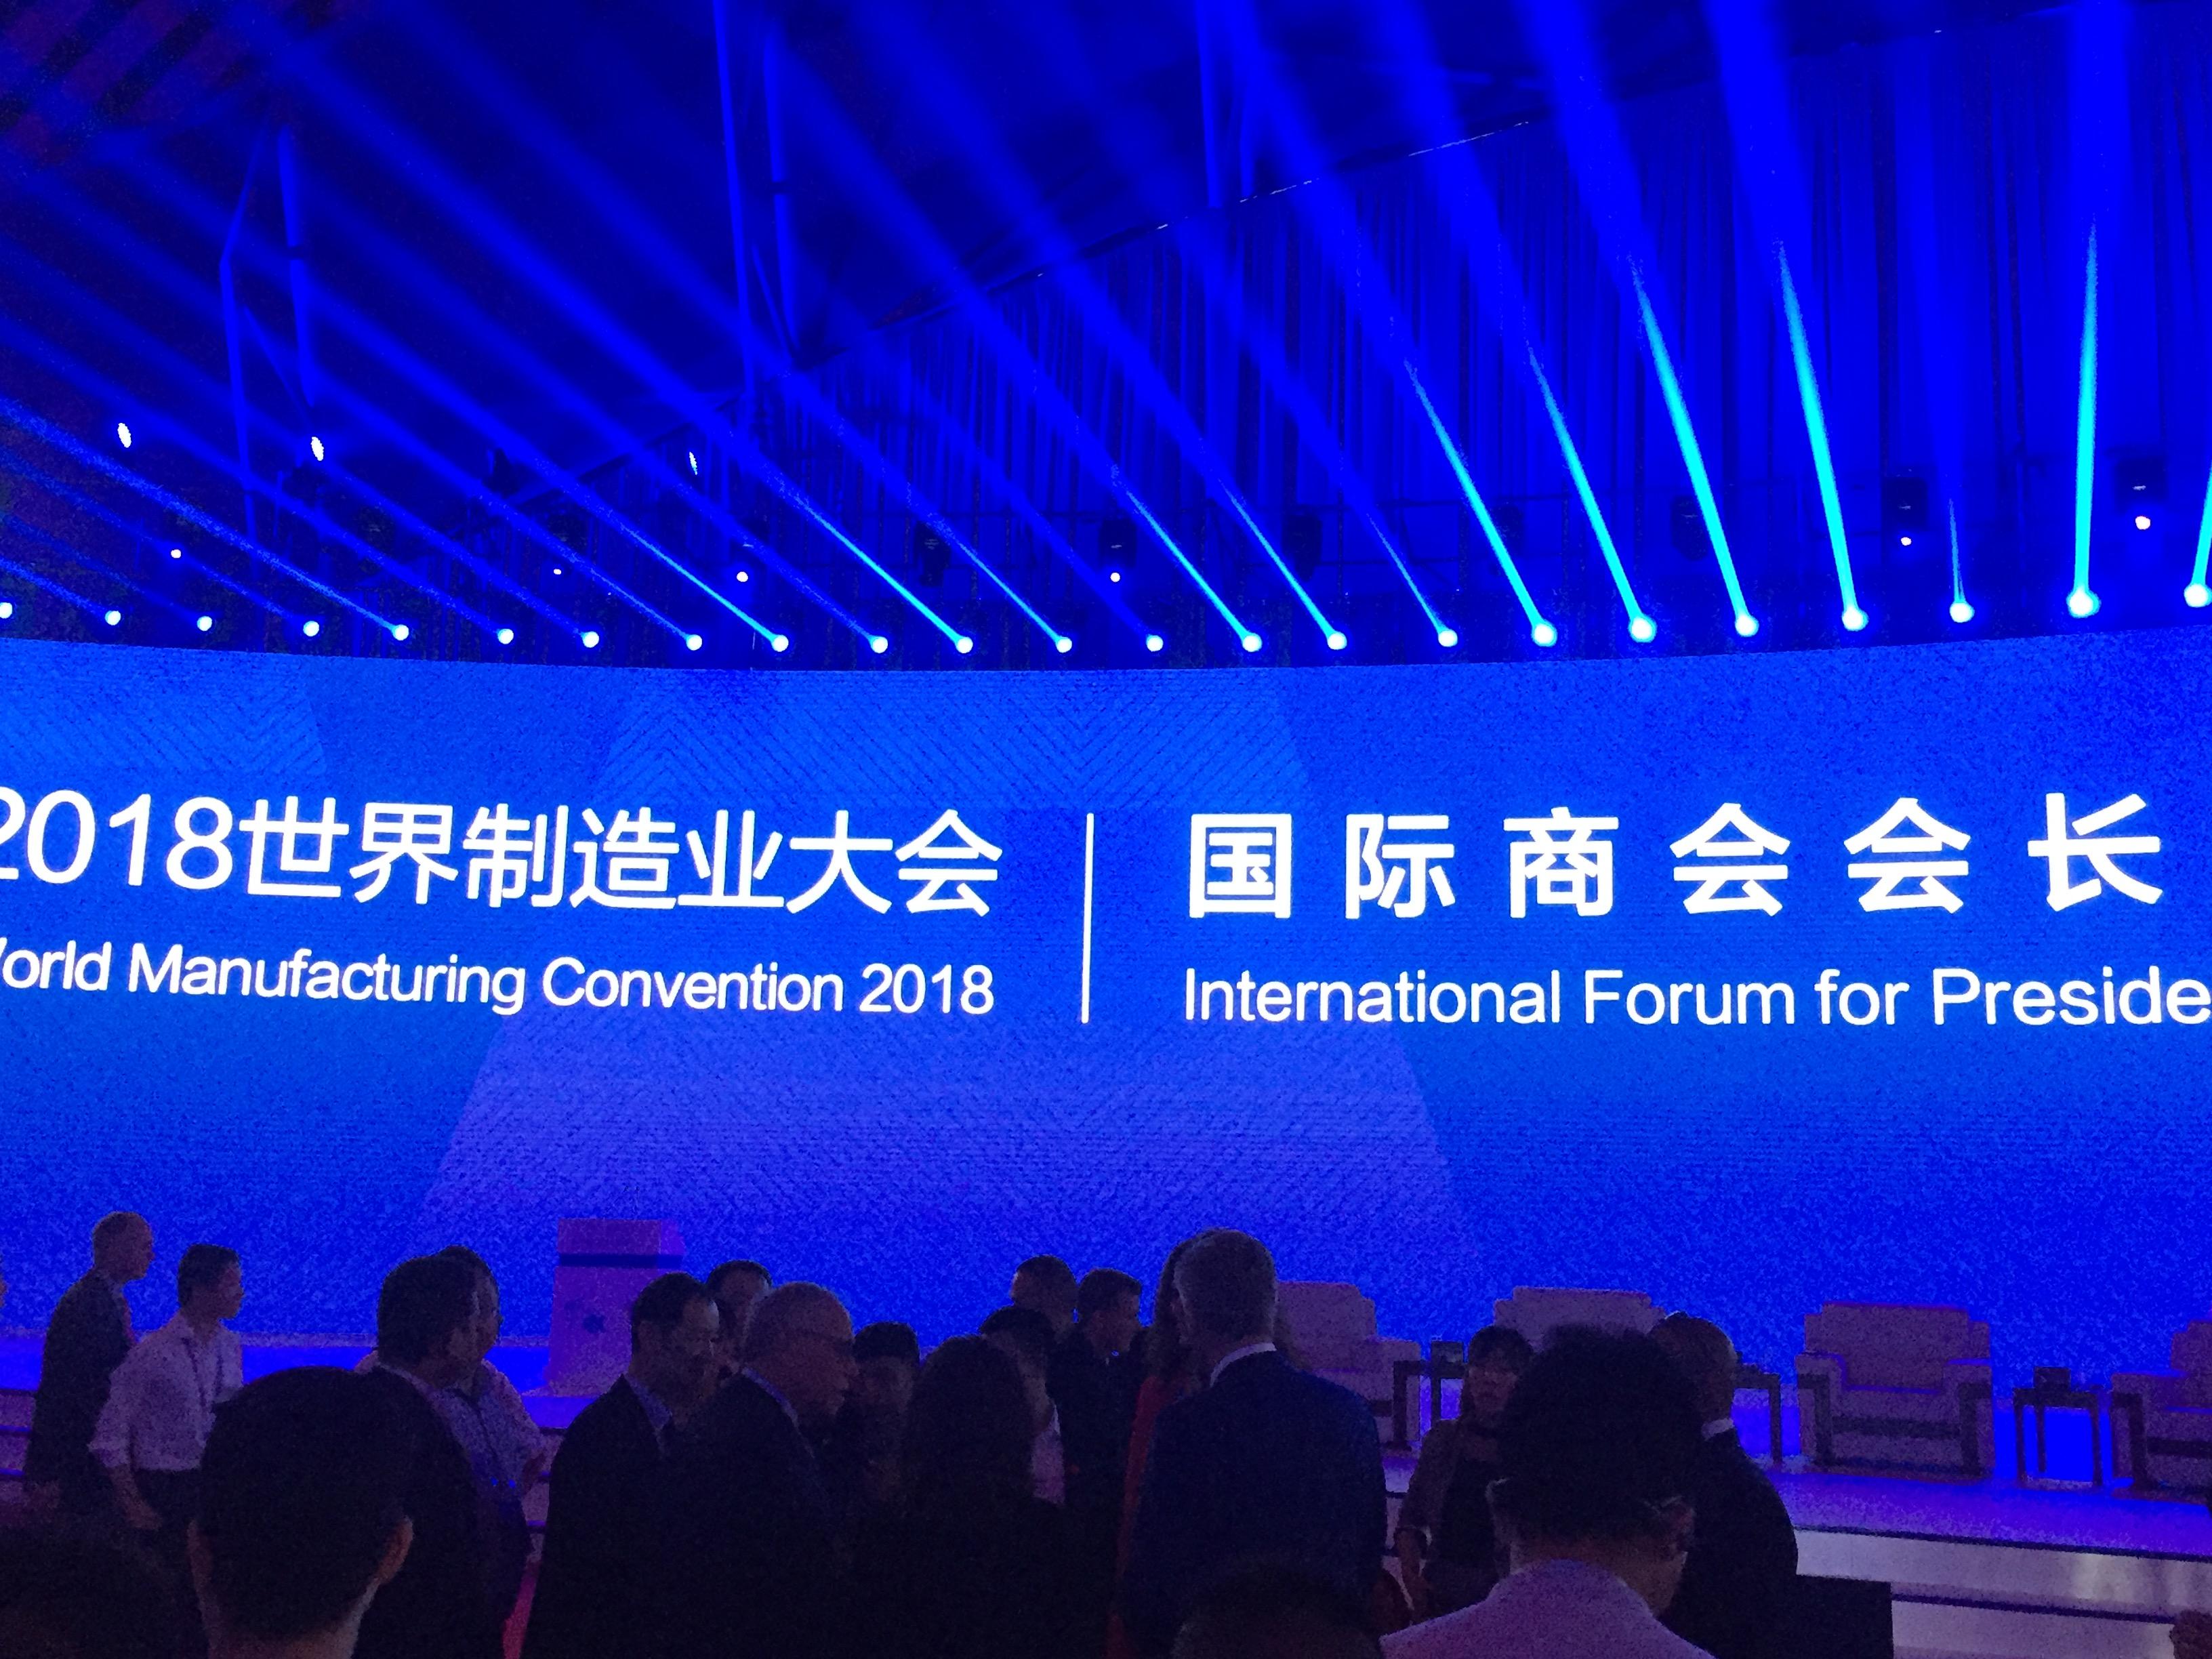 伽立实业受邀参加在安徽合肥召开的《2018世界制造业大会》